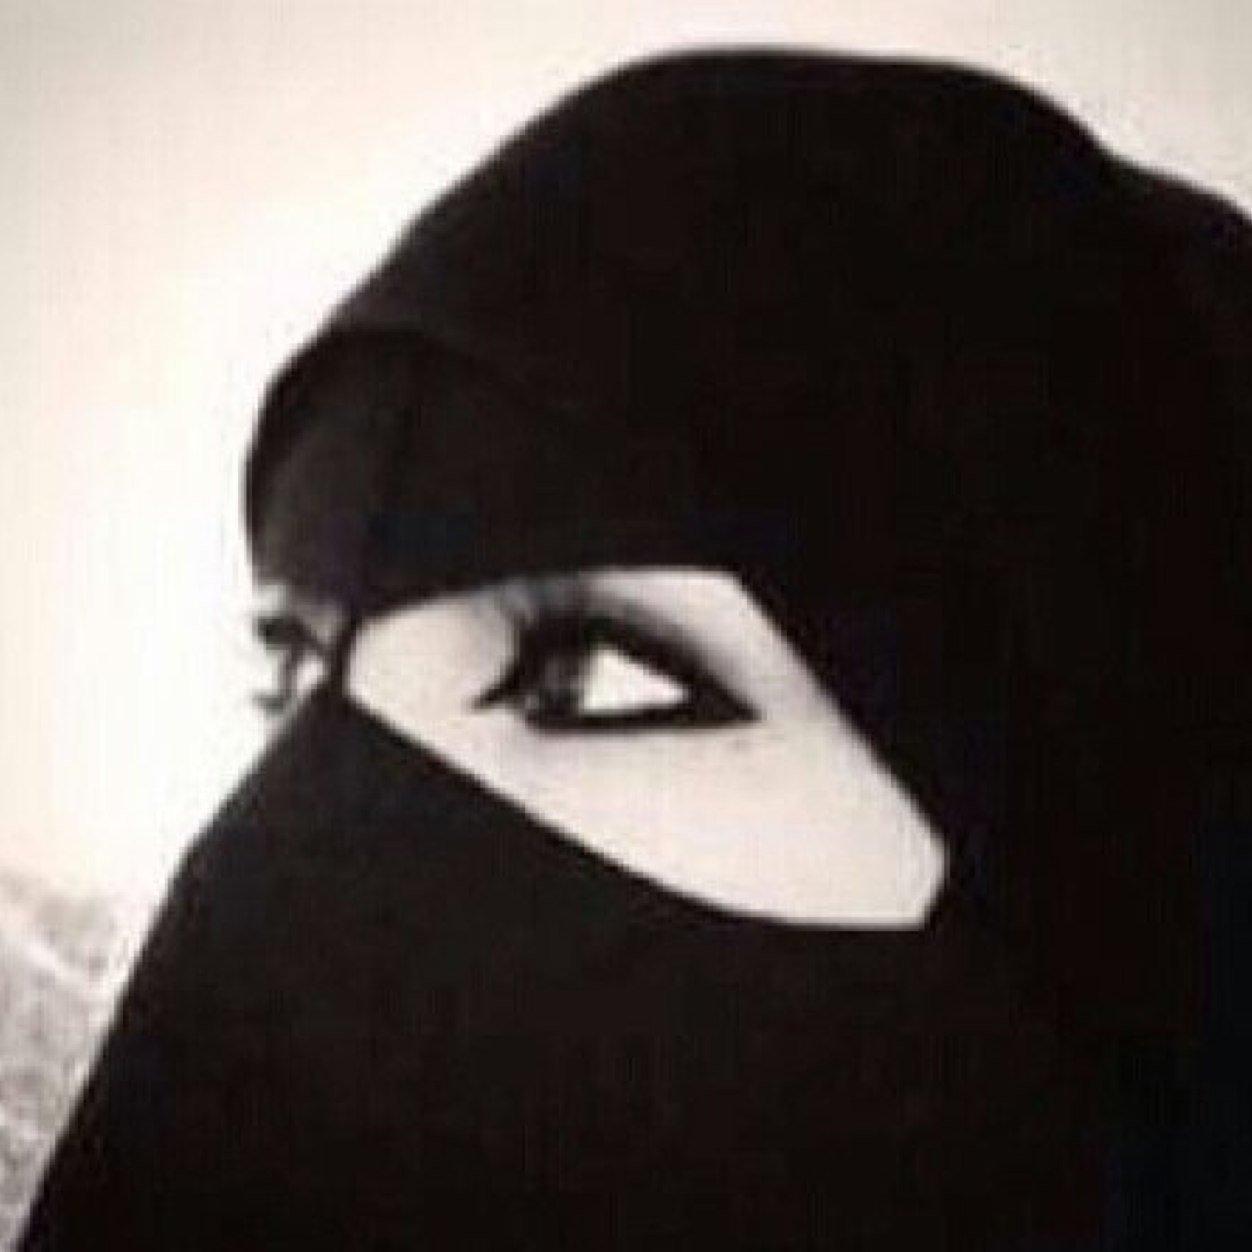 بالصور صور بنات بدوية صور بنات خليجية منتقبات صور بنات , خلفيات فتيات العرب